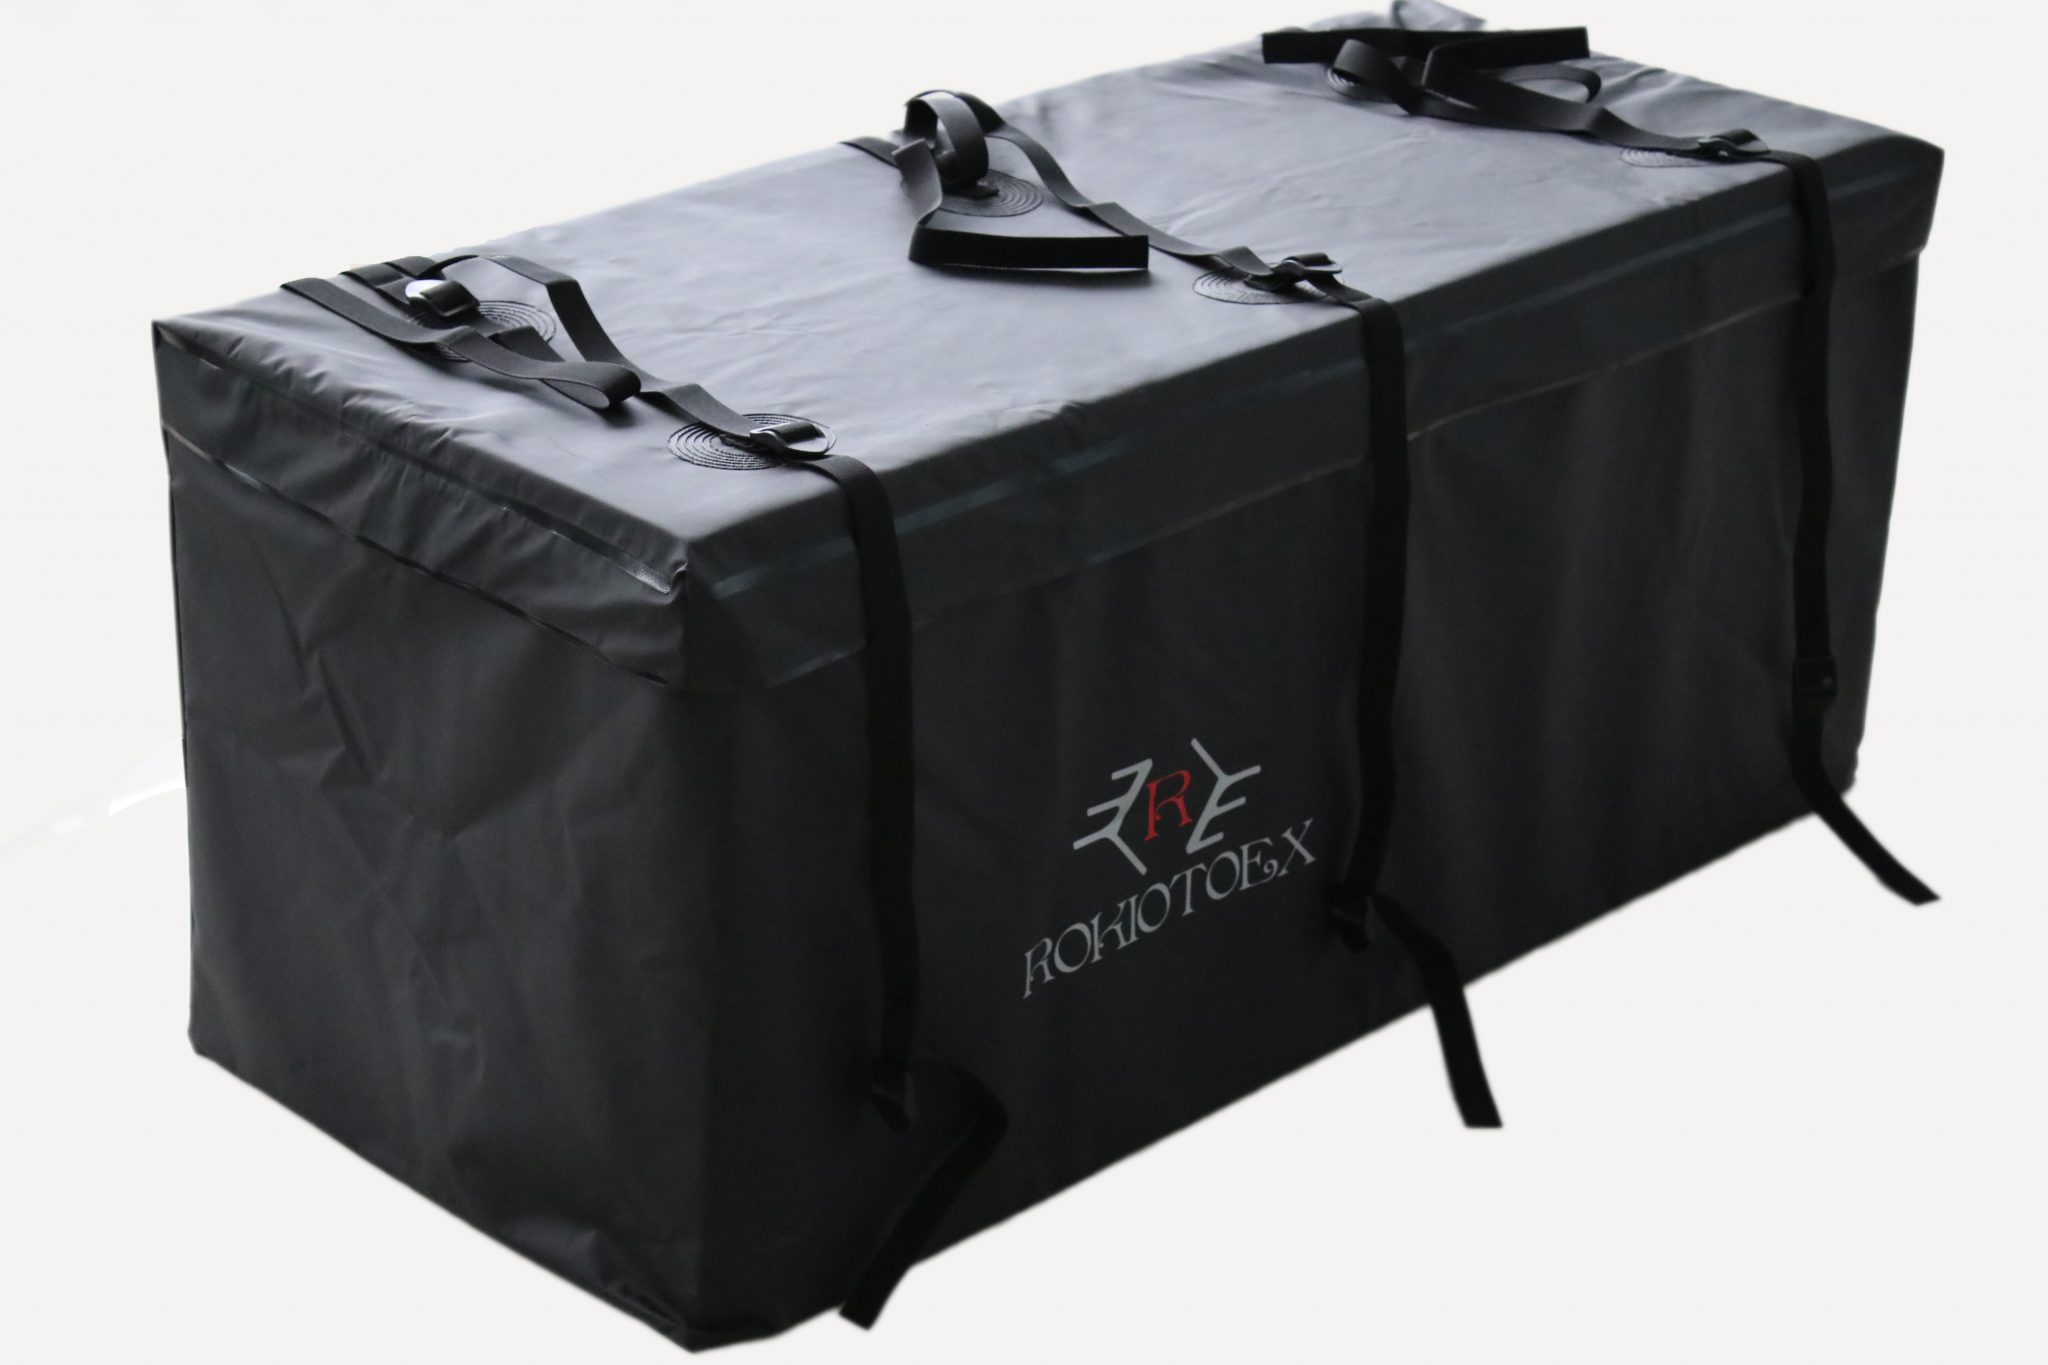 Waterproof Cargo Bag >> Rokiotoex Hmb6024 Expandable Hitch Tray Cargo Bag Rainproof Cargo Bag Waterproof Cargo Bag Suv Truck Cargo Basket Mate Bag 6024